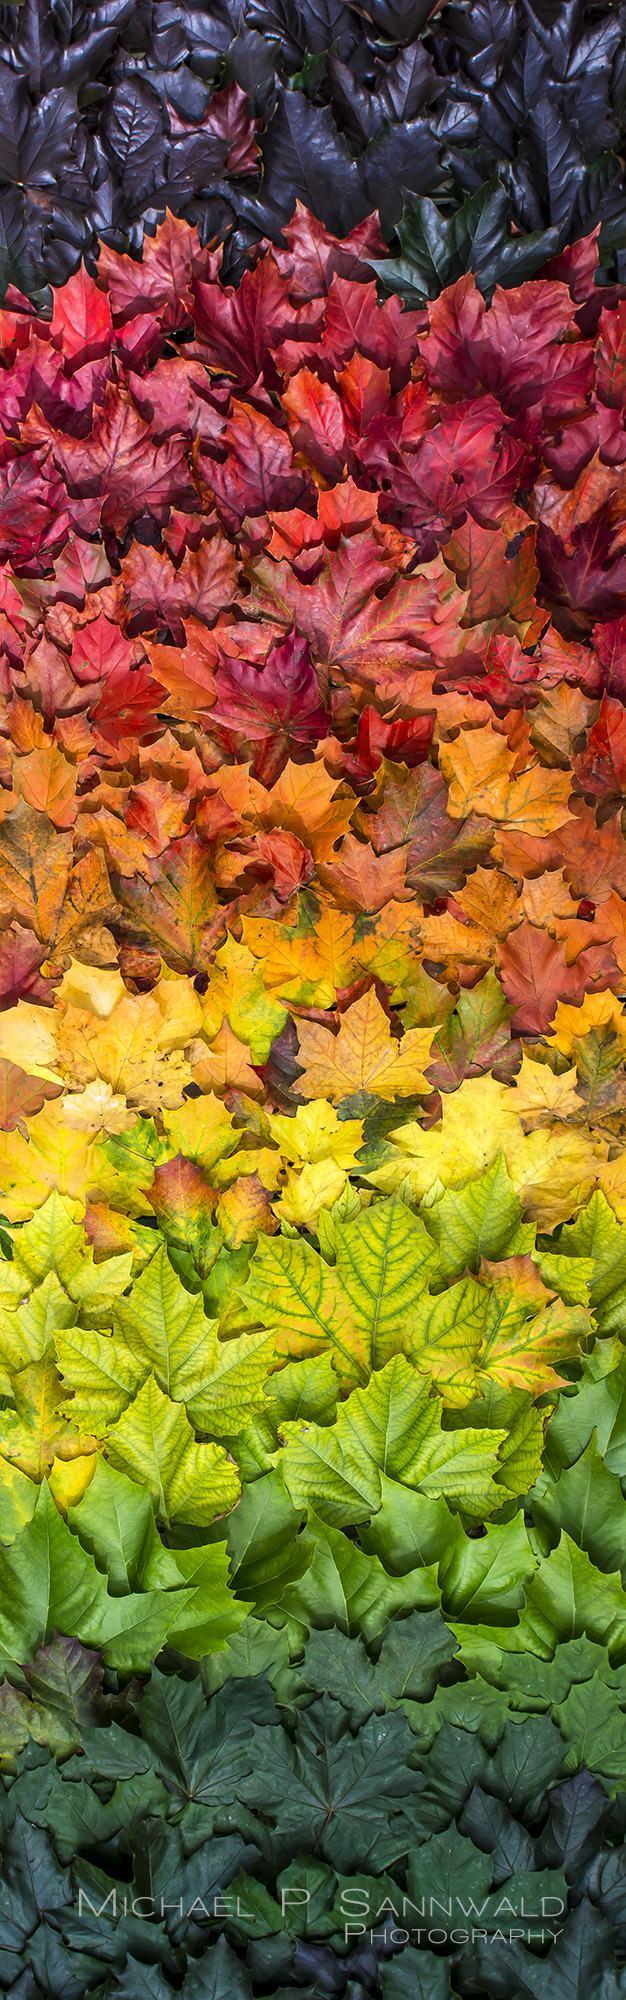 50 nuances d'automne - meme